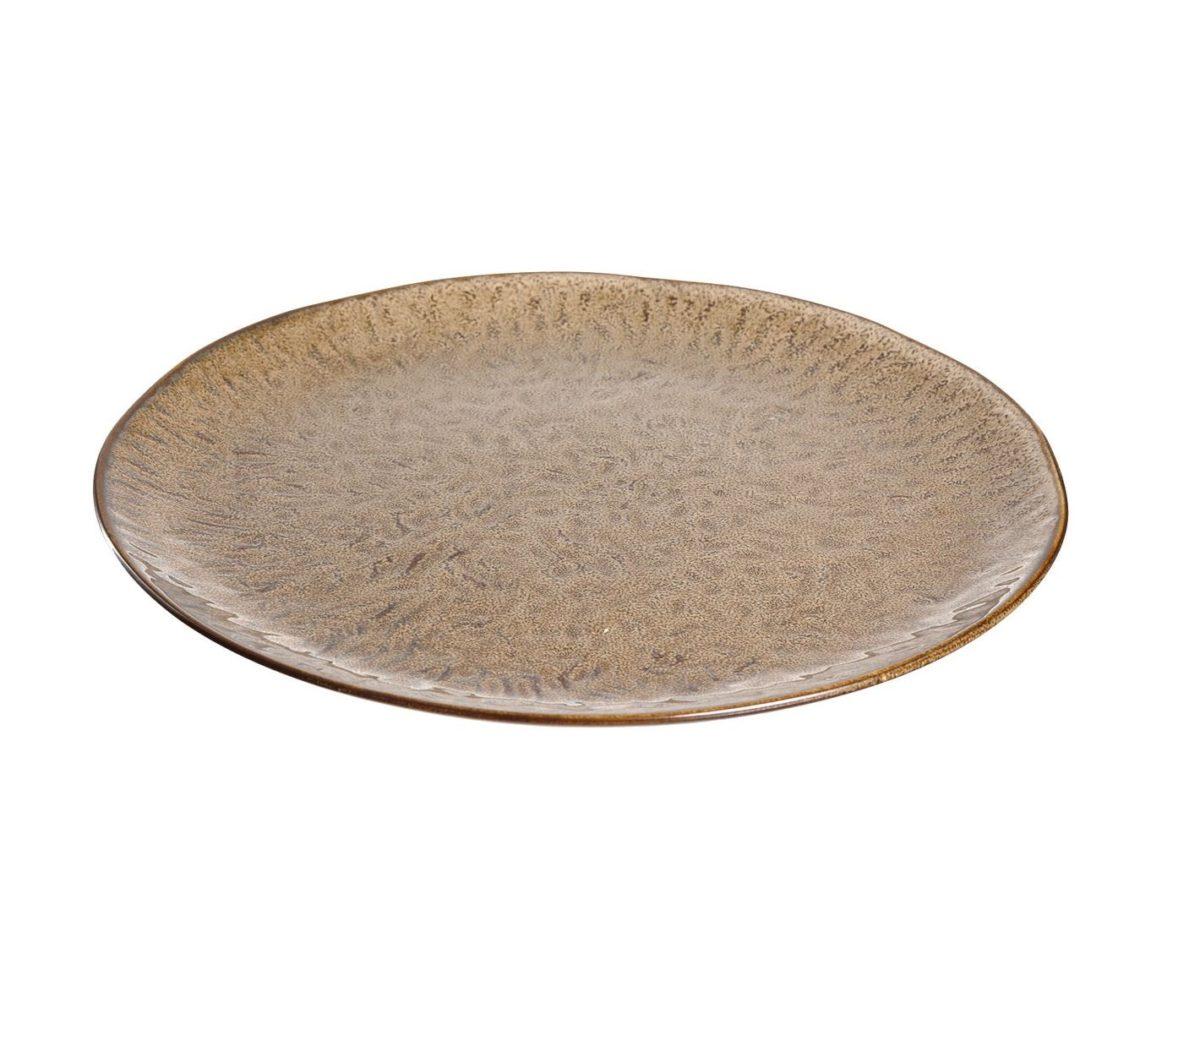 018537 0 k 1 1200x1041 - Farfurie ceramică Matera sand 27 cm (L018537)